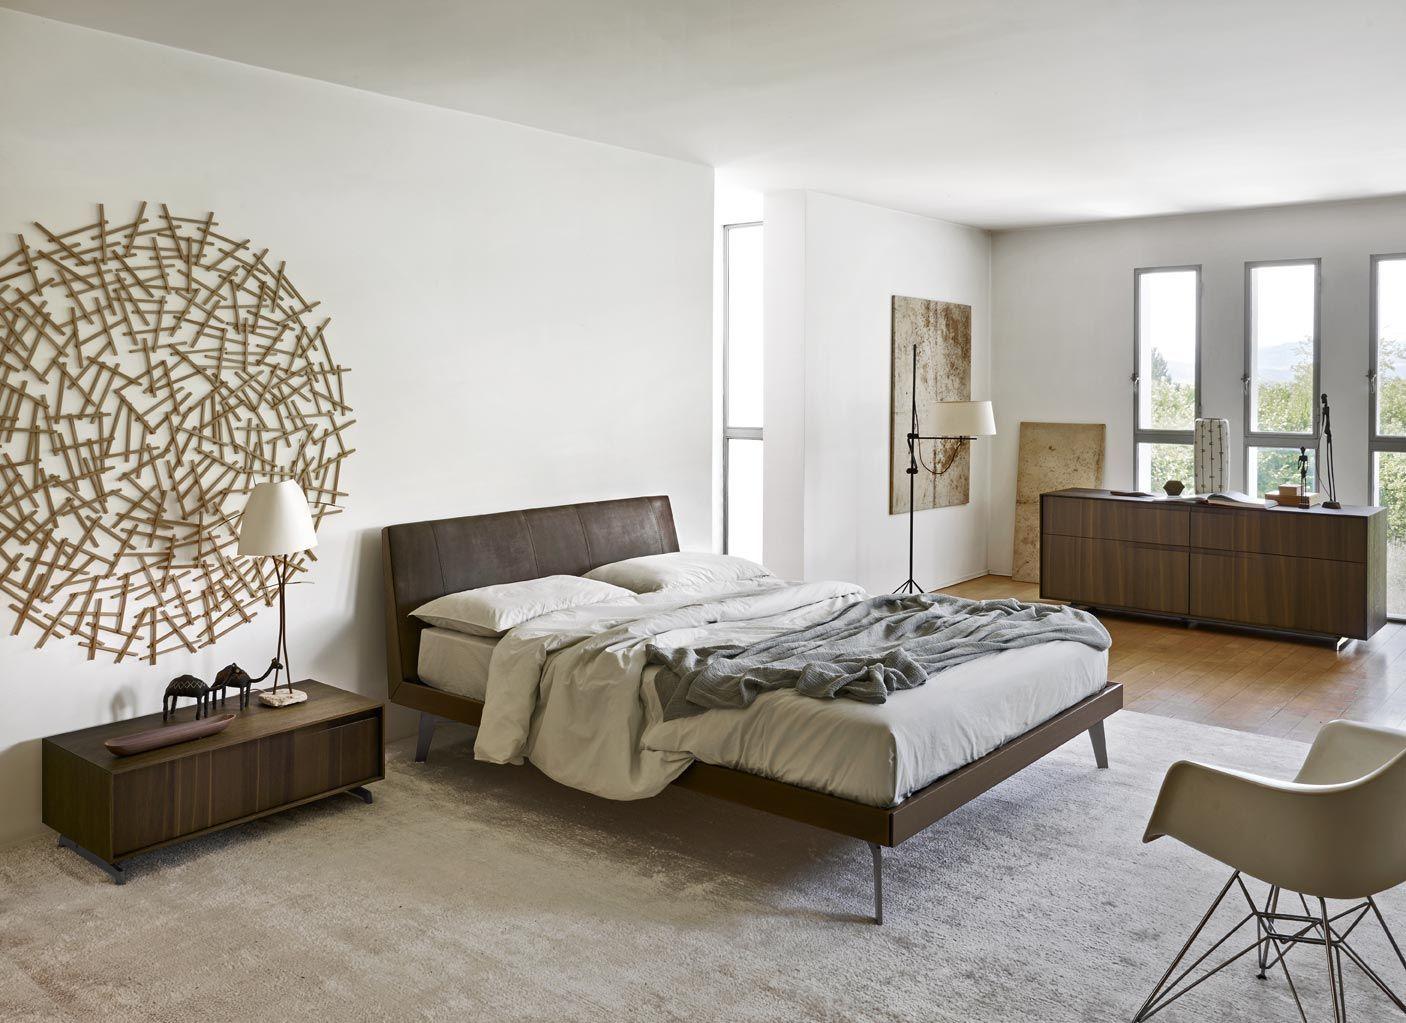 Design Schlafzimmer ~ Dauerbrenner vintage möbel immer im trend schlafzimmer ideen